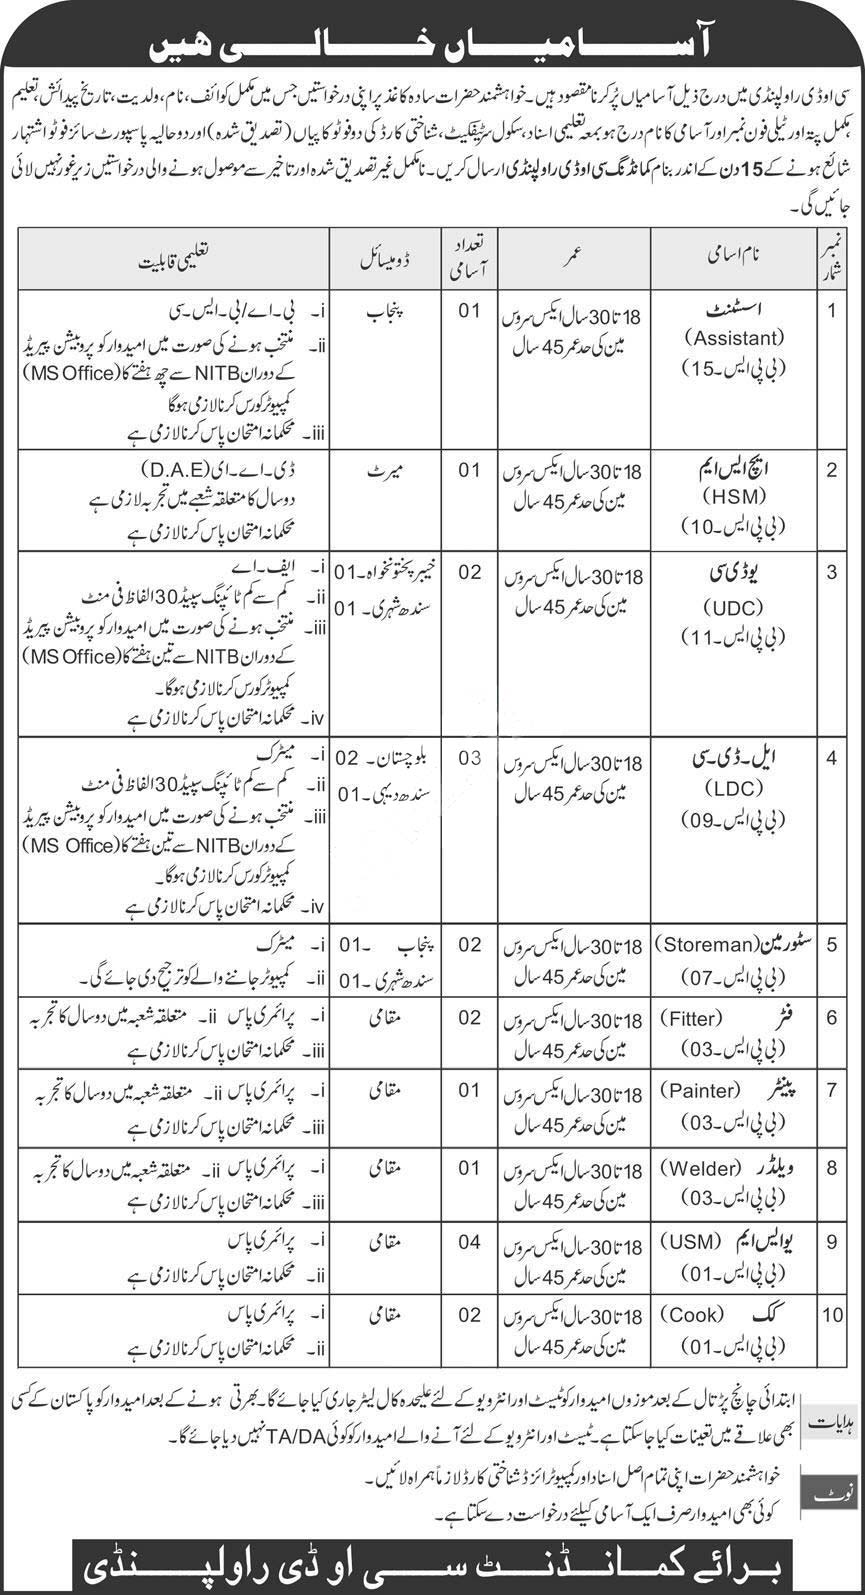 Pakistan Army Central Ordnance Depot Cod Rawalpindi Jobs 2020 Latest